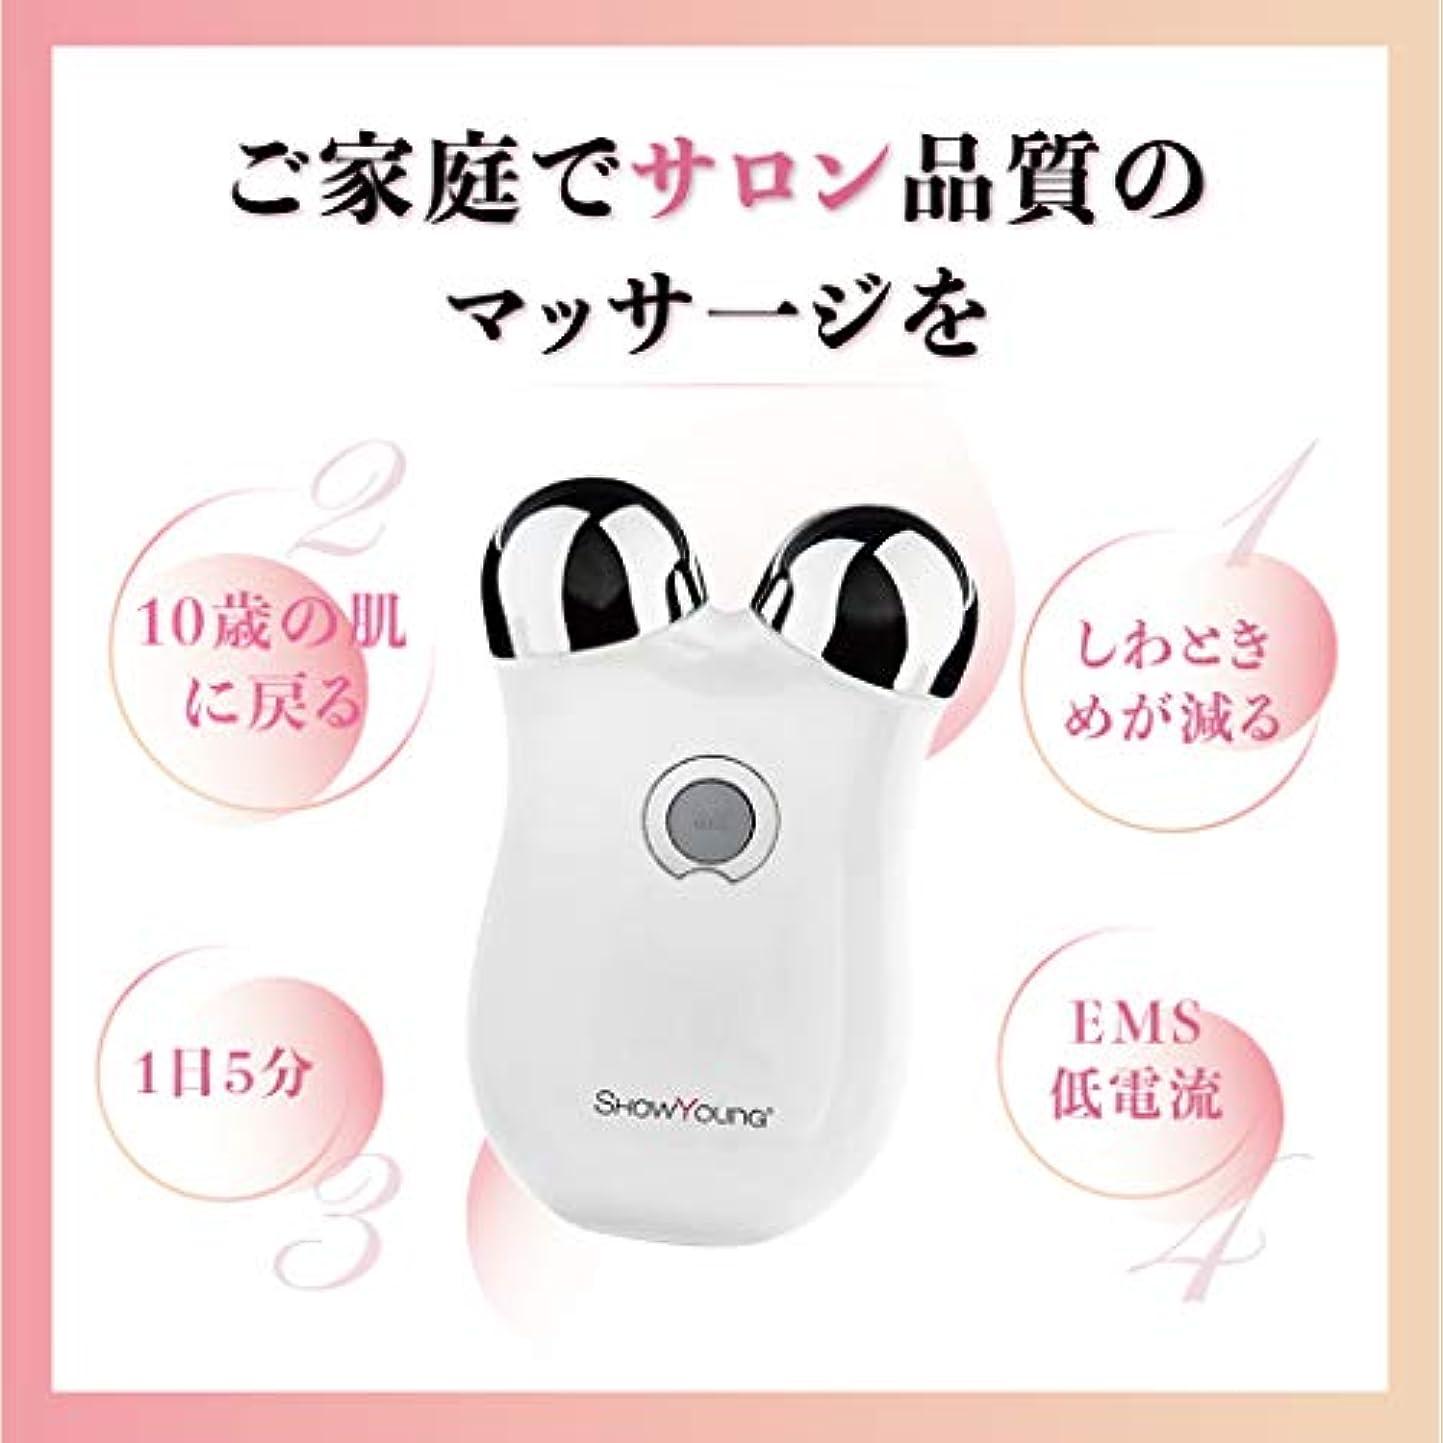 チート大統領タウポ湖Showyoung 微小電流ミニ顔マッサージ器、顔の調色装置、しわと細紋の減少、皮膚、リンパのマッサージ、調整の質、2年の品質の保証に用いる。